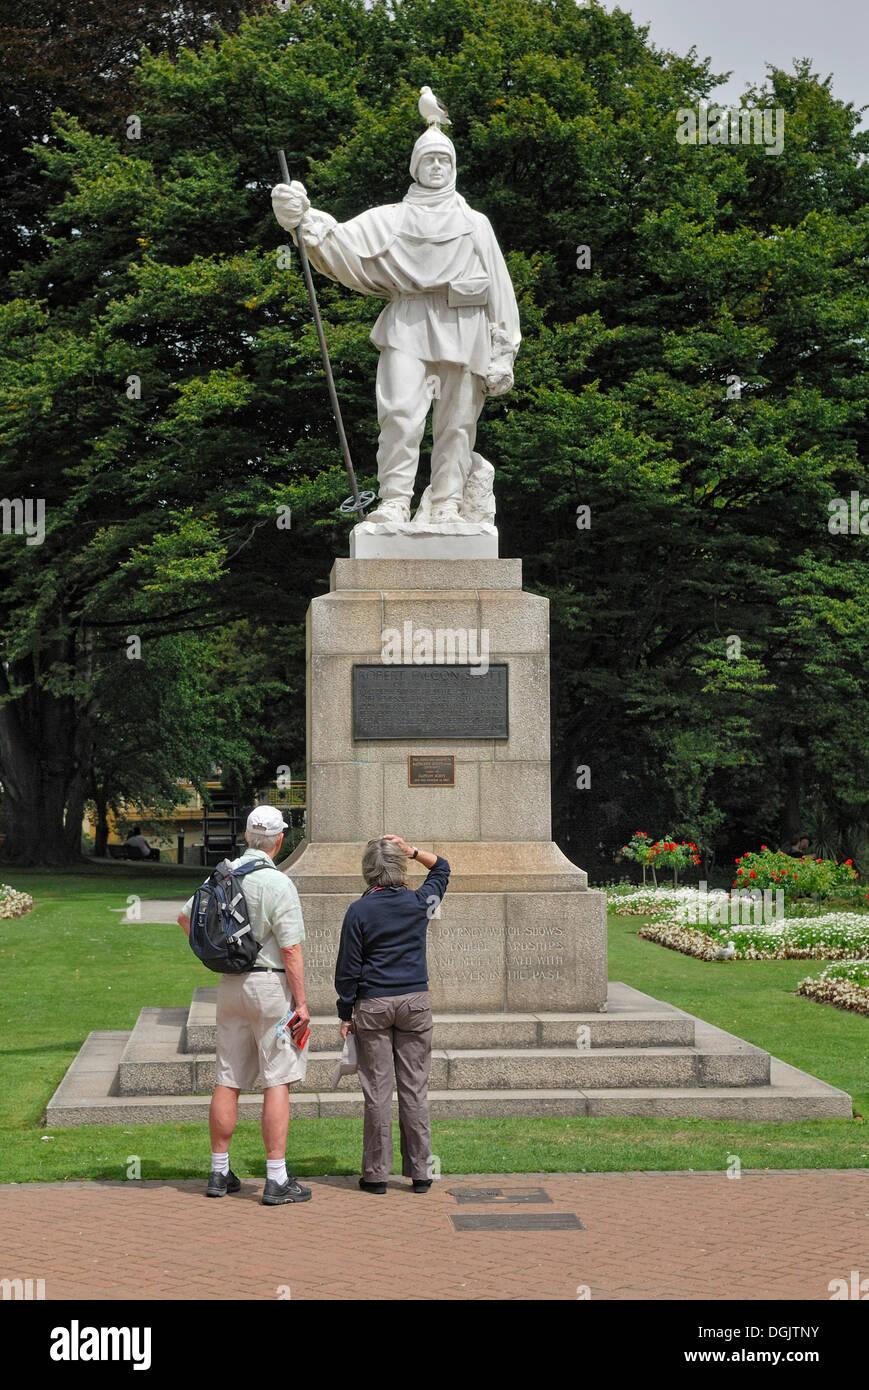 Monumento al explorador antártico Robert F. Scott, con turistas y gaviotas, Christchurch, Isla del Sur, Nueva Zelanda Imagen De Stock